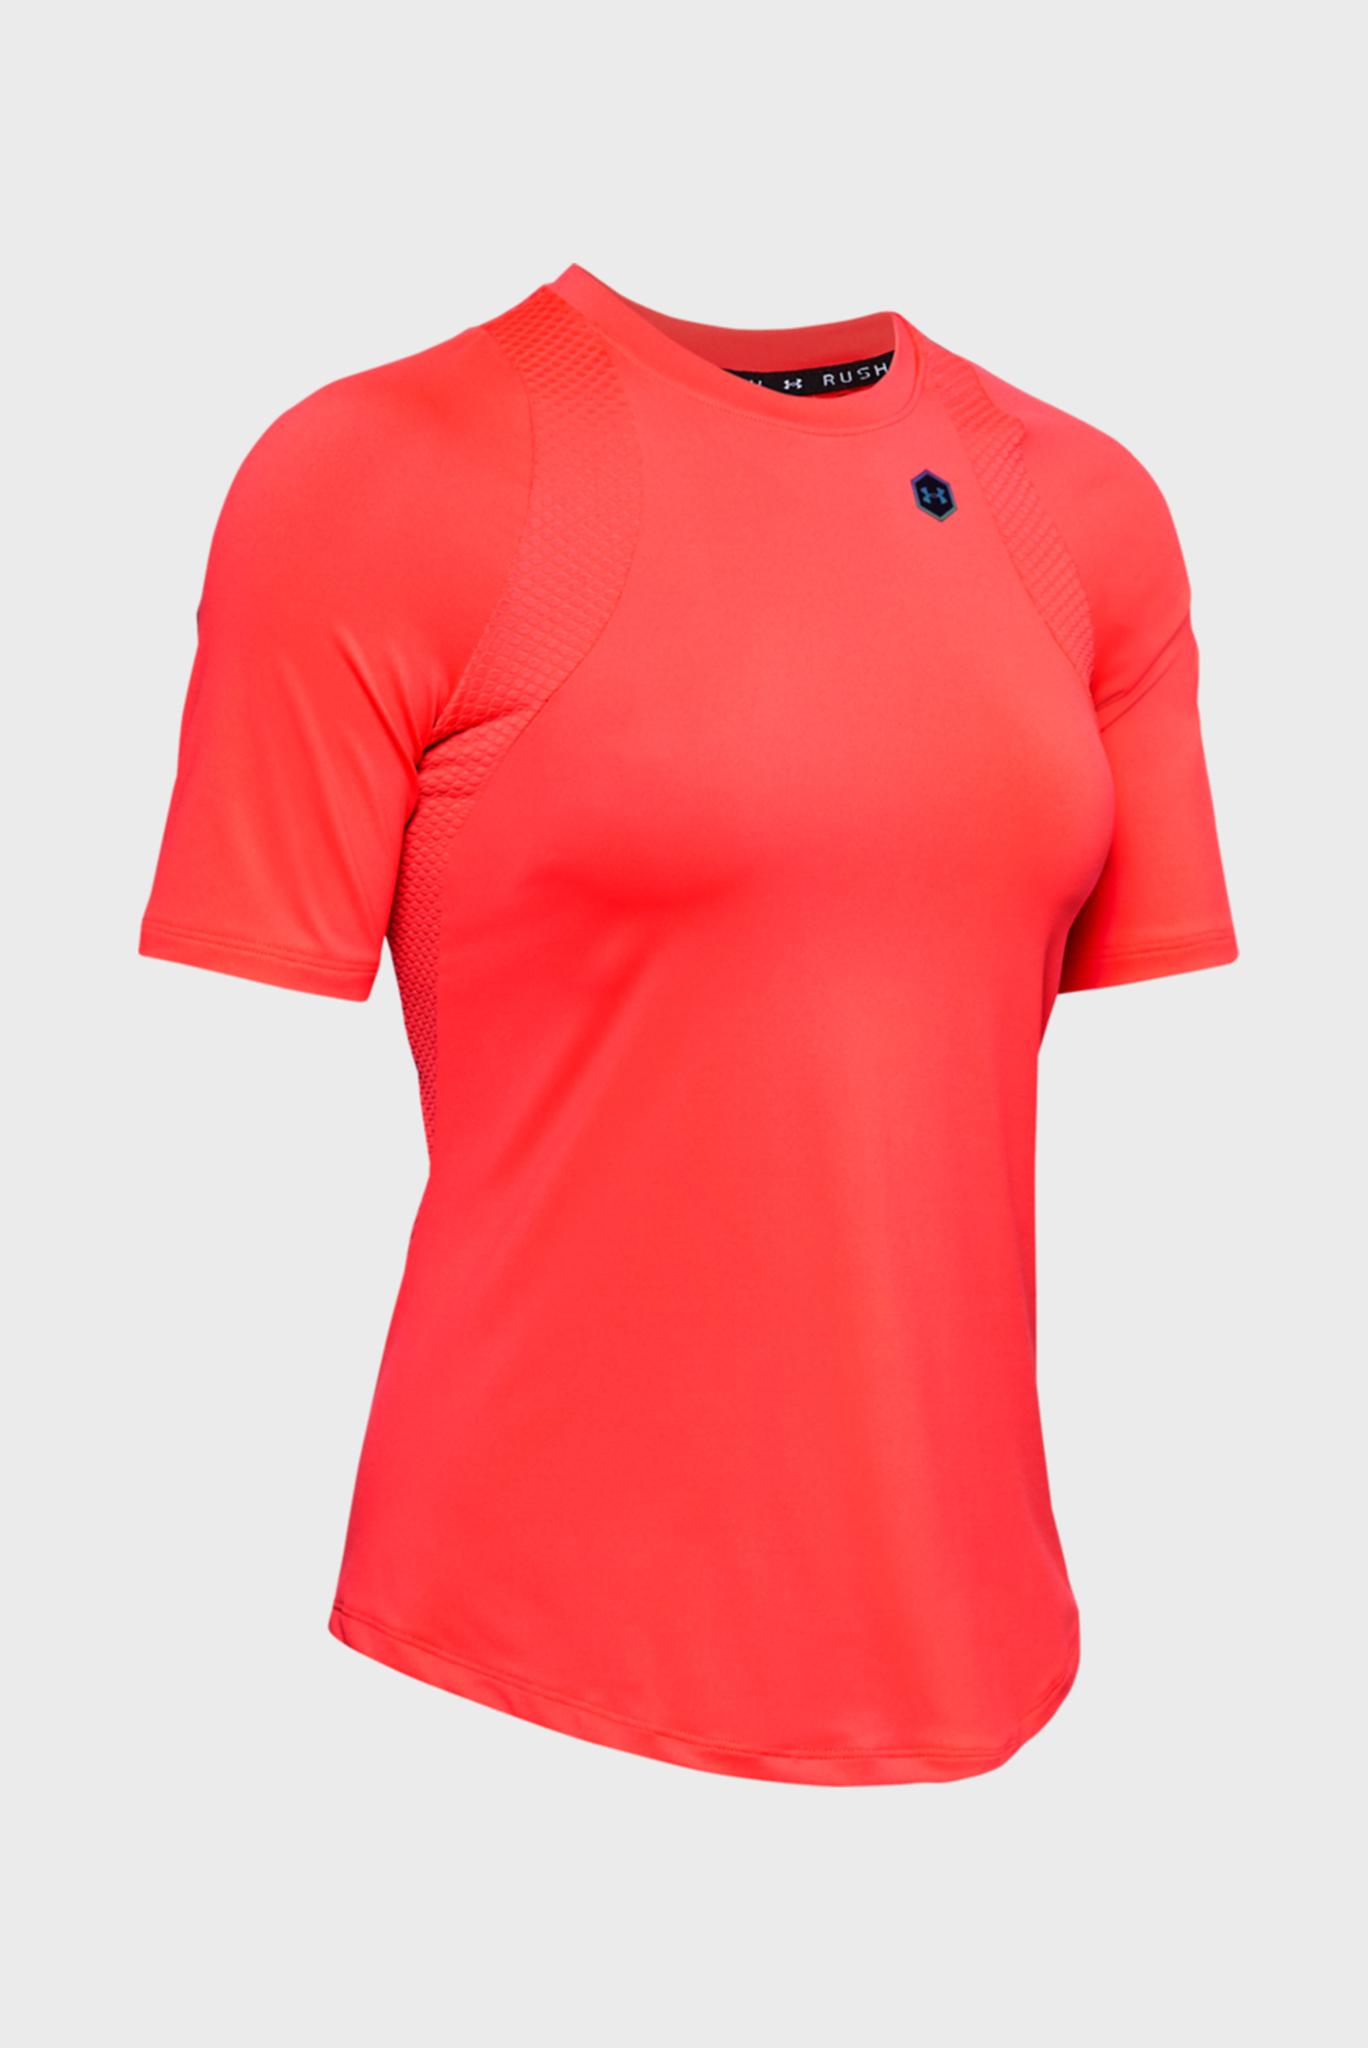 Женская красная спортивная футболка UA Rush SS Under Armour